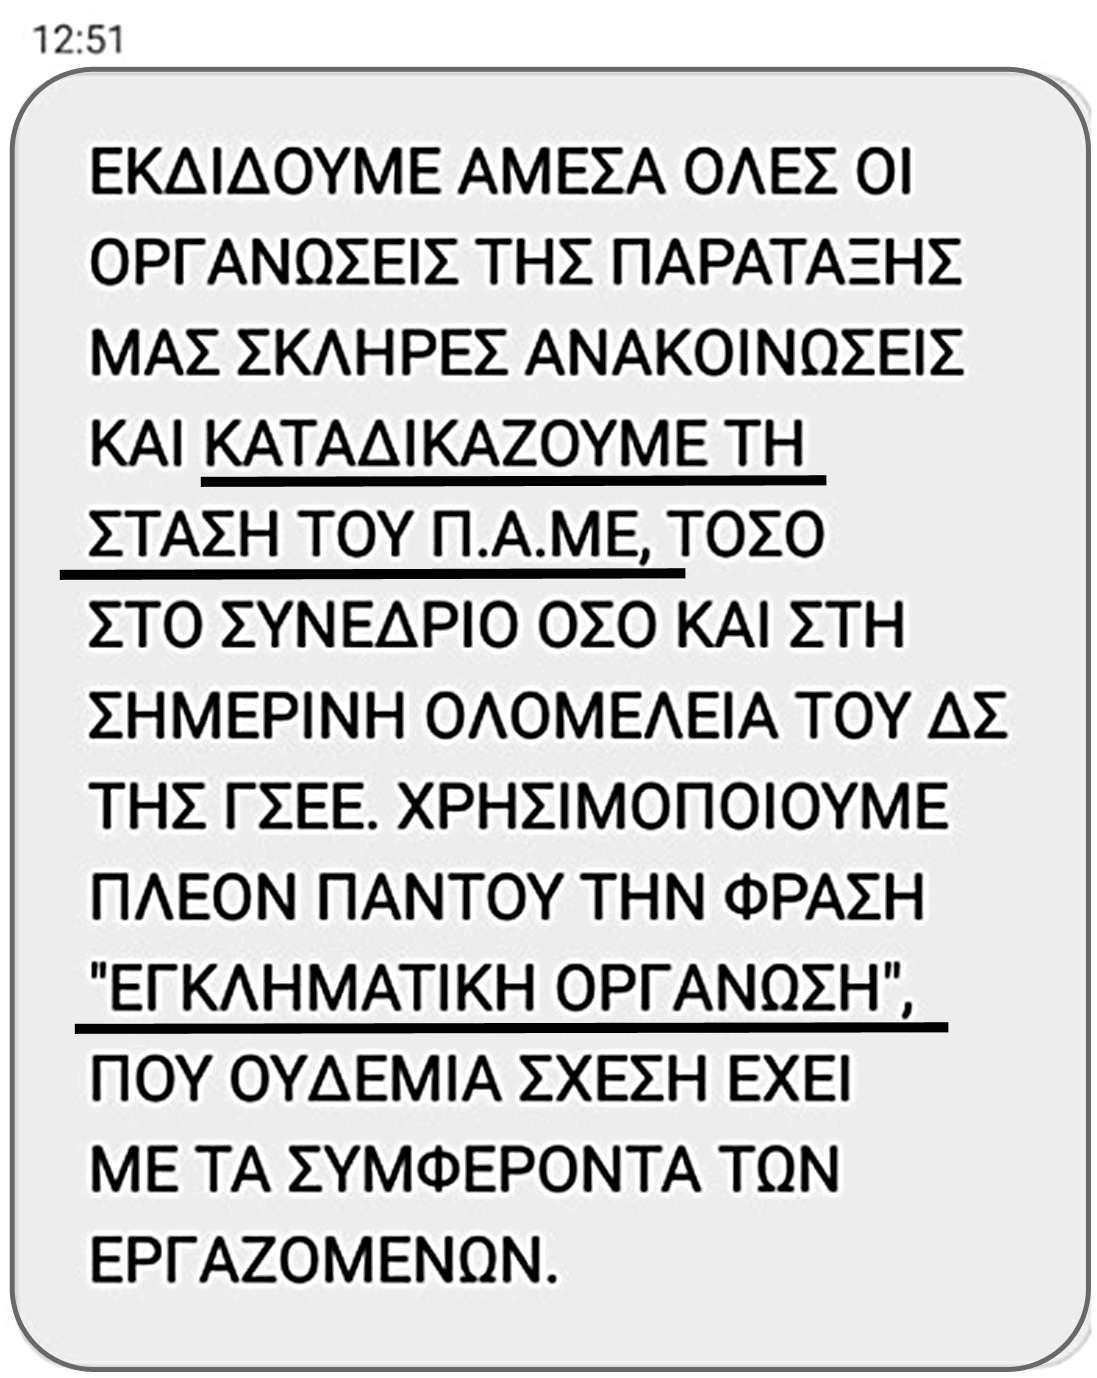 ΕΓΚΛΗΜΑΤΙΚΗ ΟΡΓΑΝΩΣΗ